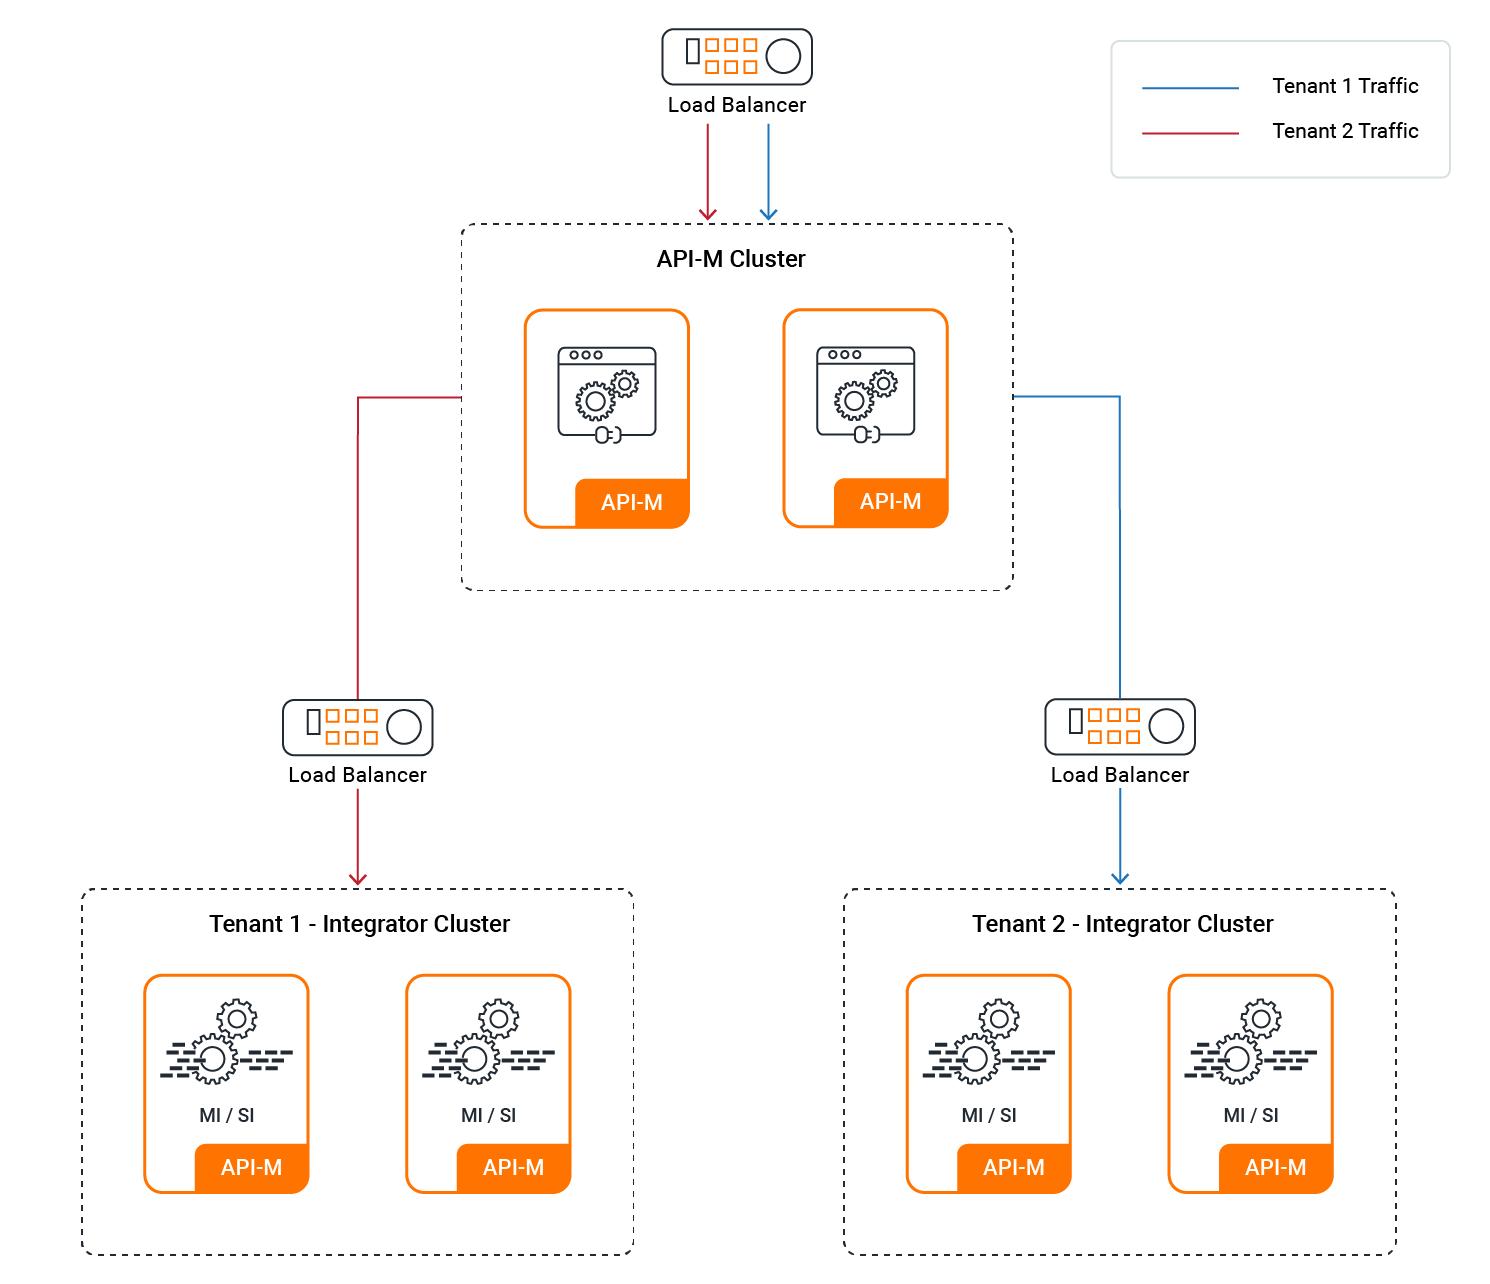 standard HA with multitenancy